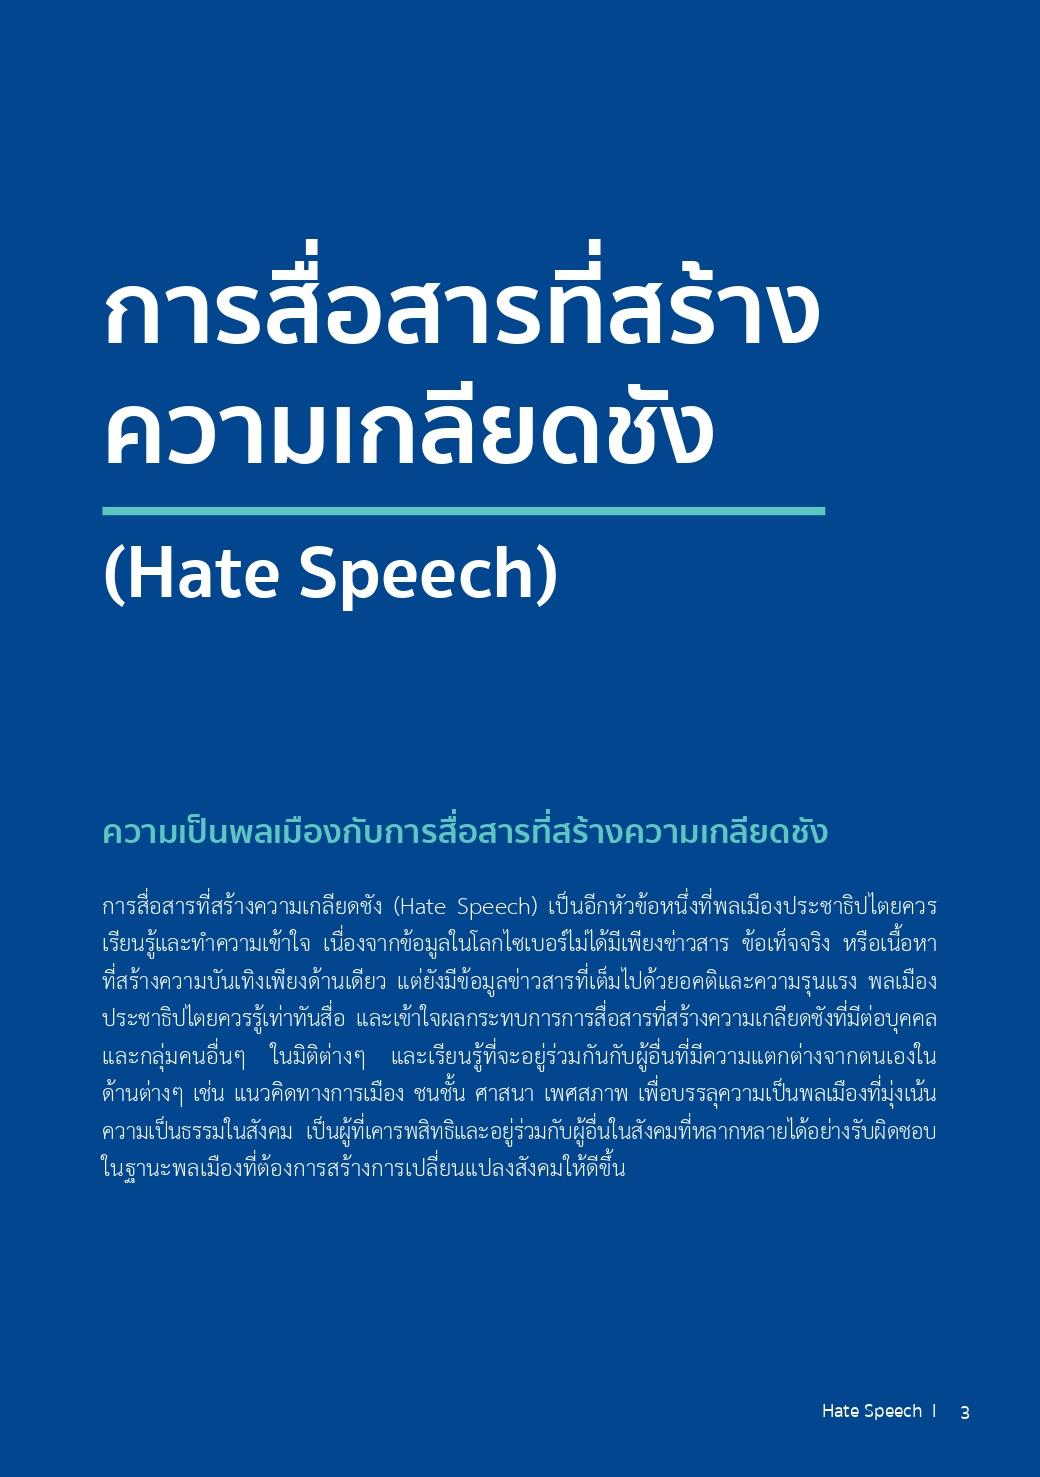 การสื่อสารที่สร้างความเกลียดชัง (Hate Speech)